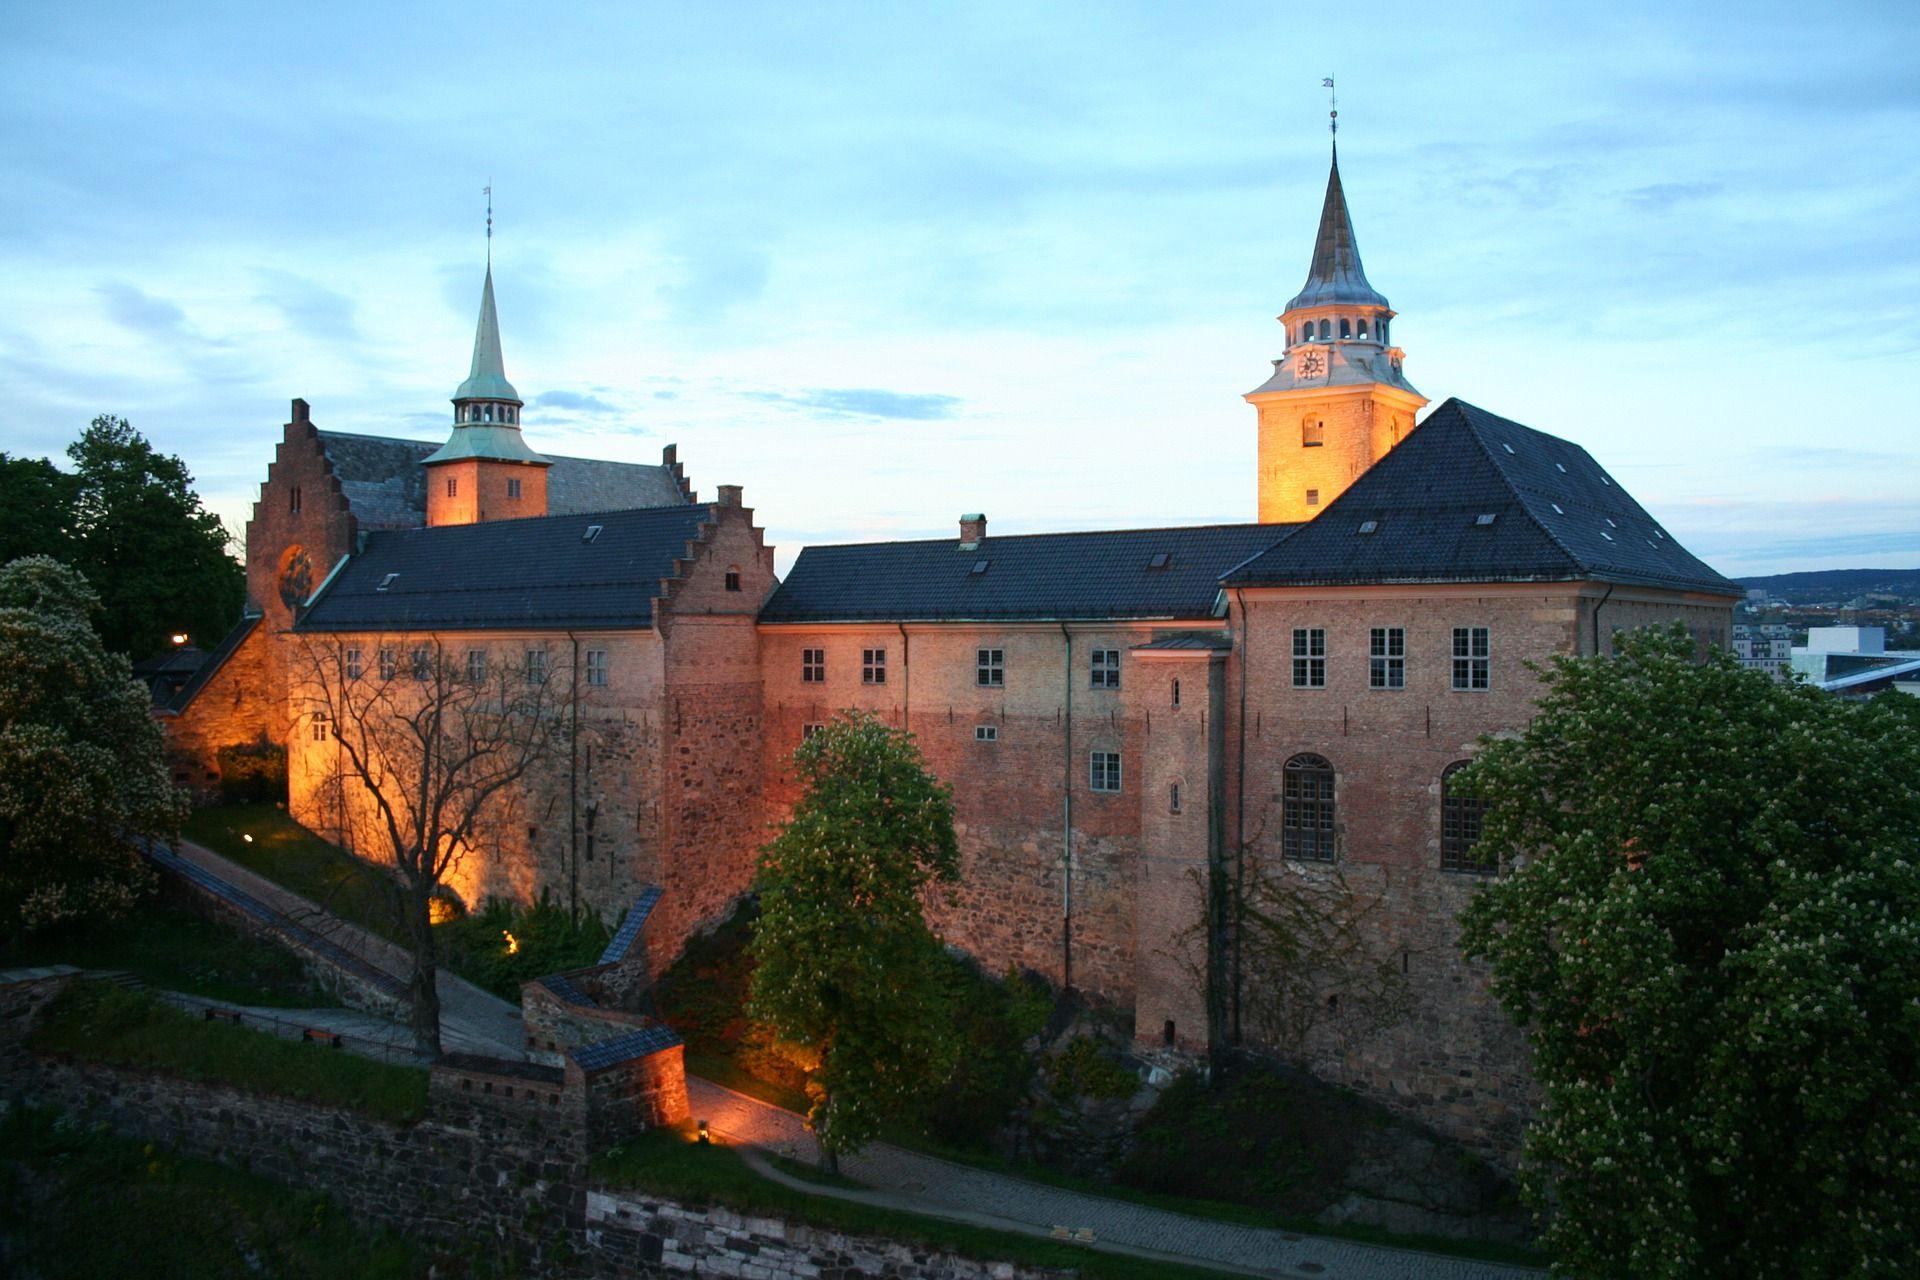 Akershuhs Fortress